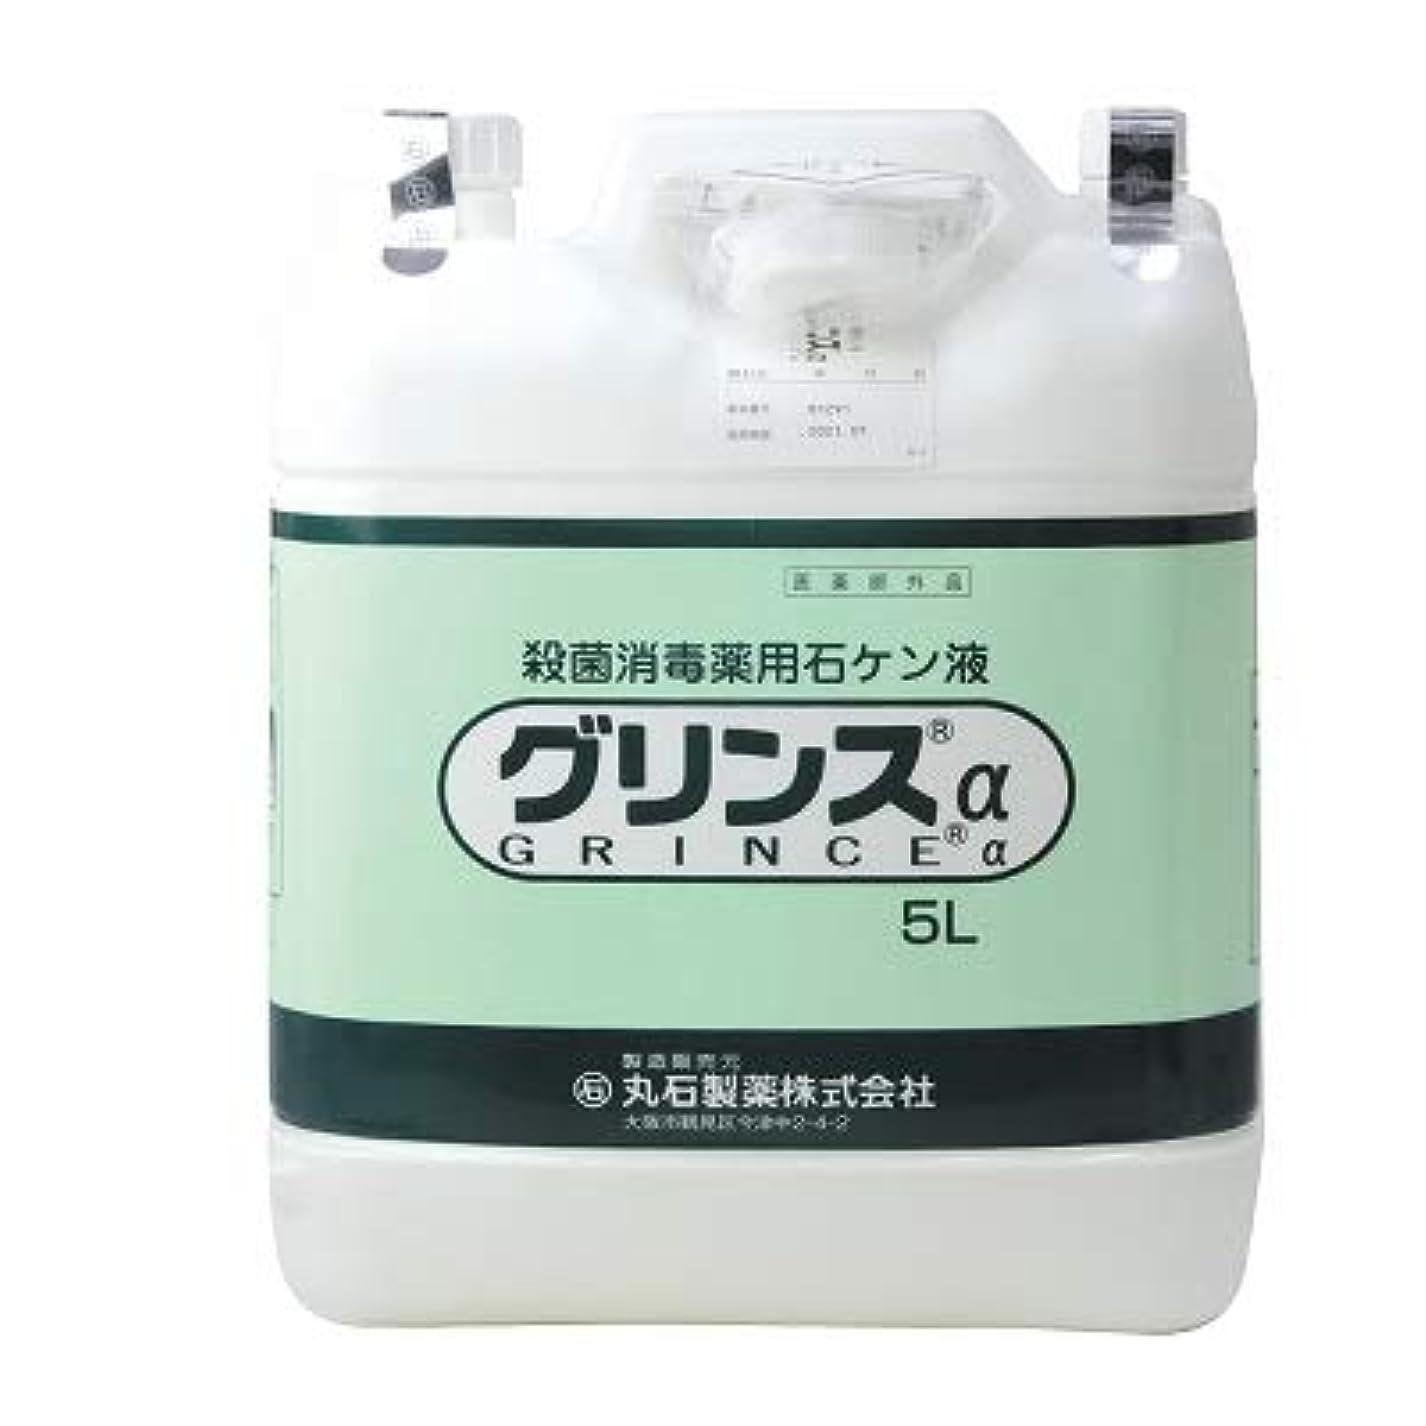 納屋キャリッジ予防接種【丸石製薬】グリンス 5L